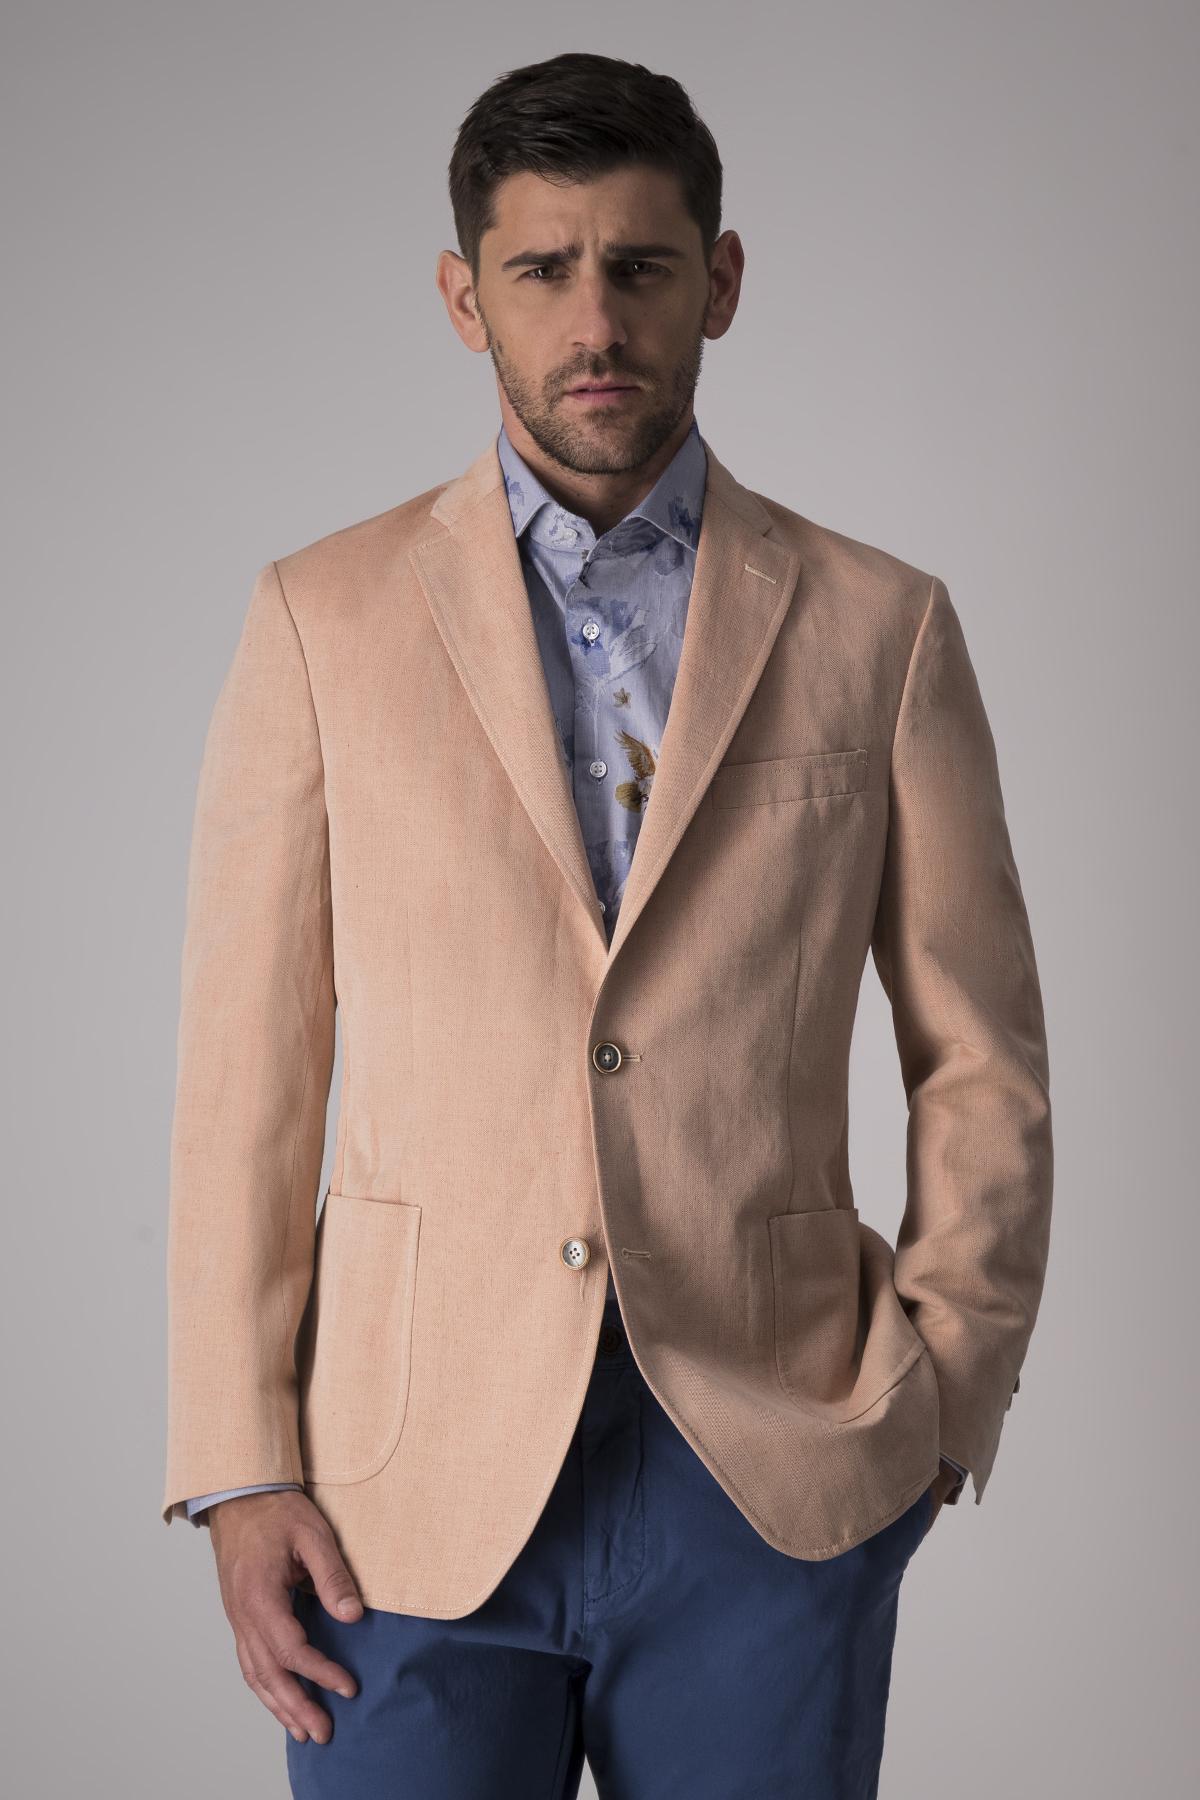 Saco Calderoni tela italiana color naranja,  Regular fit.